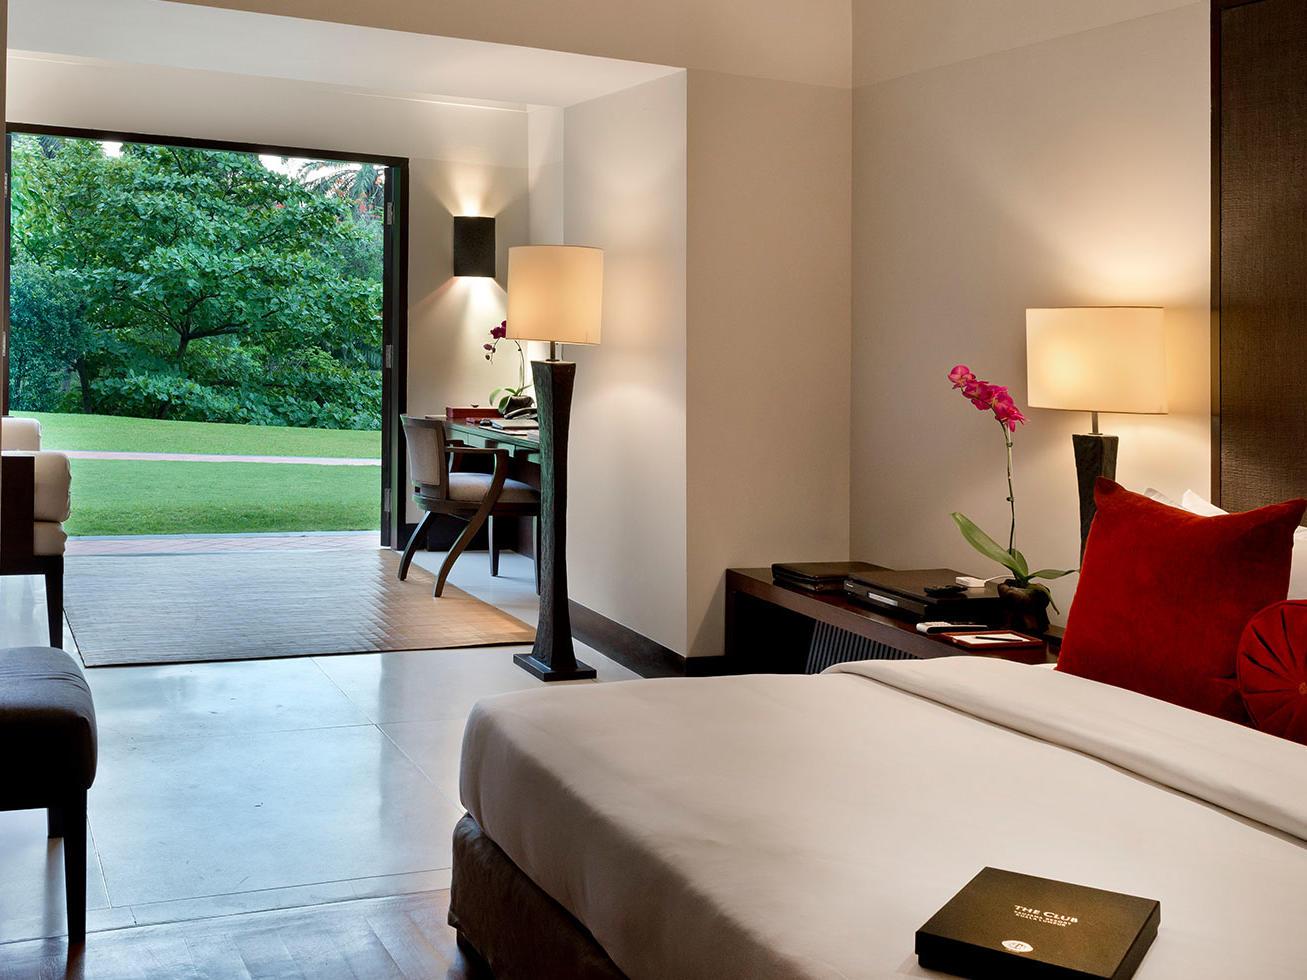 Interior of The Saujana Hotel KL's Terrace Room